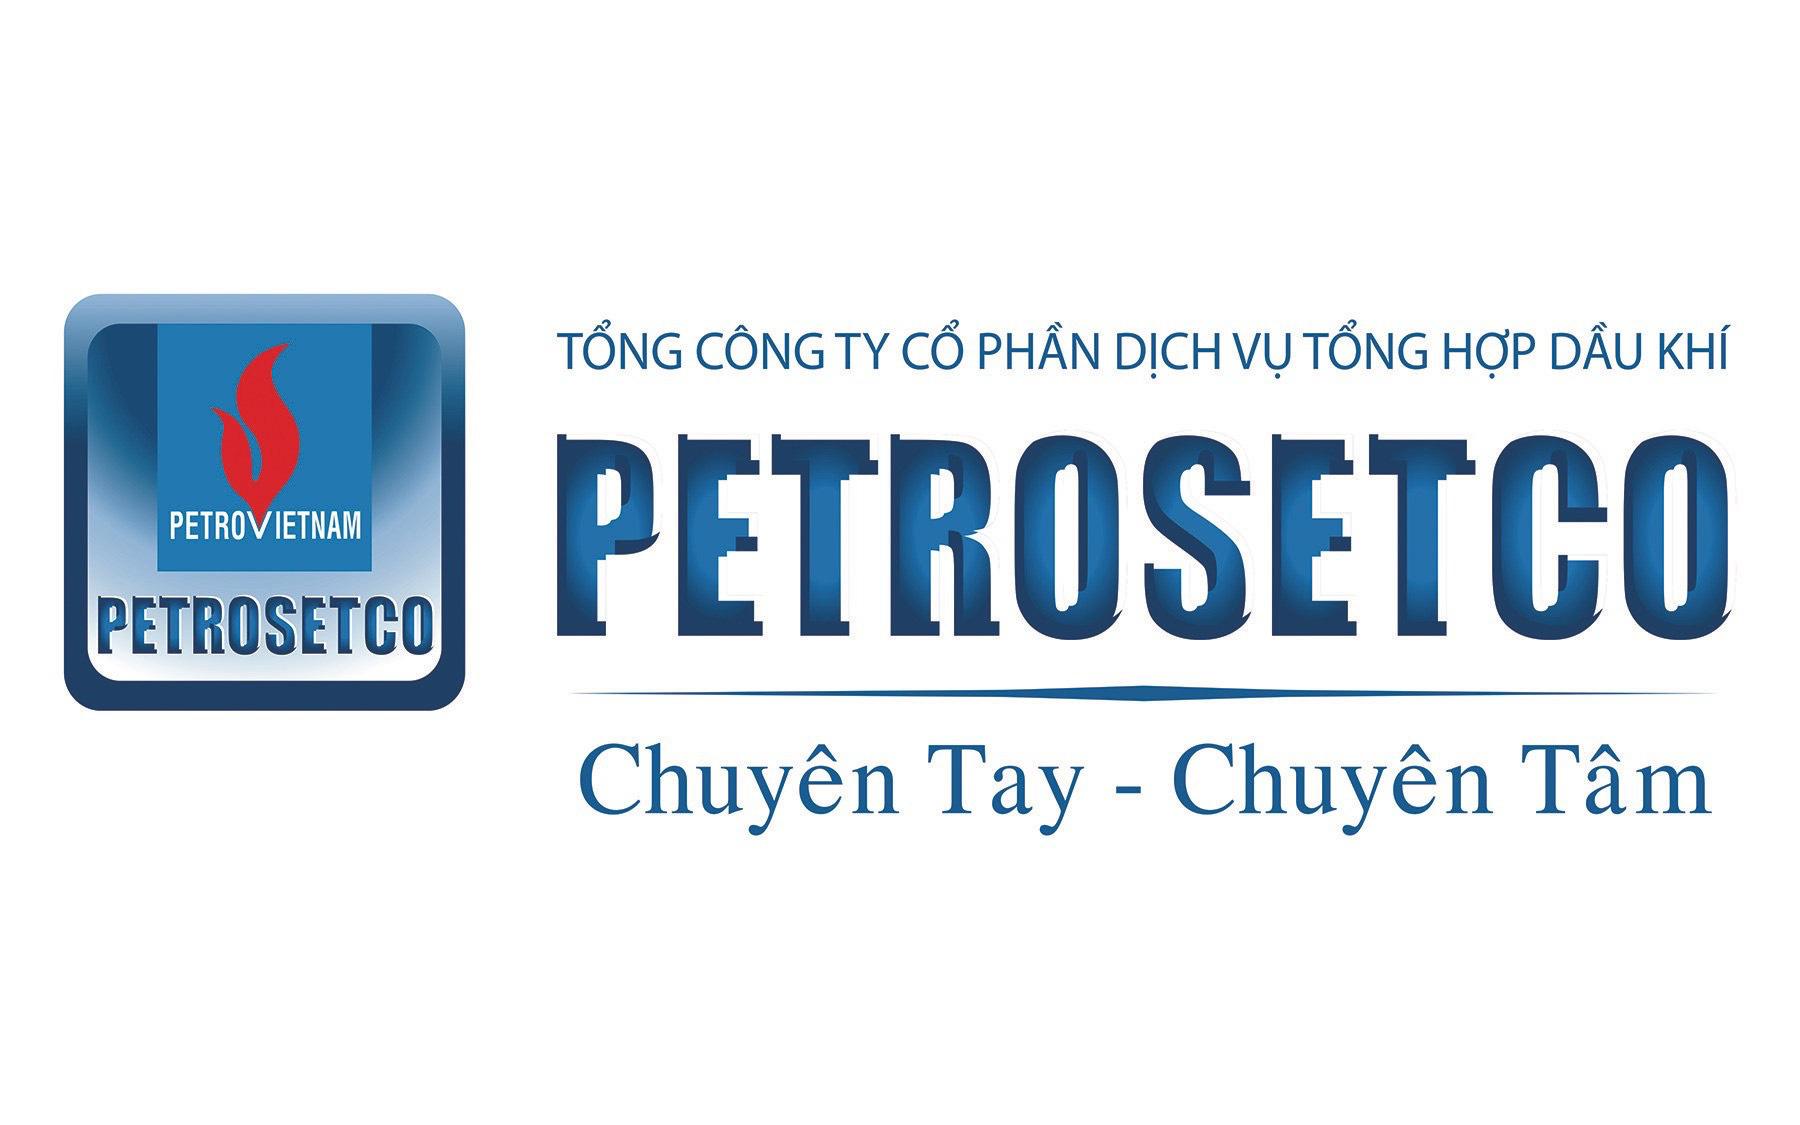 PETROSETCO hoàn thành xuất sắc các chỉ tiêu 6 tháng đầu năm 2021